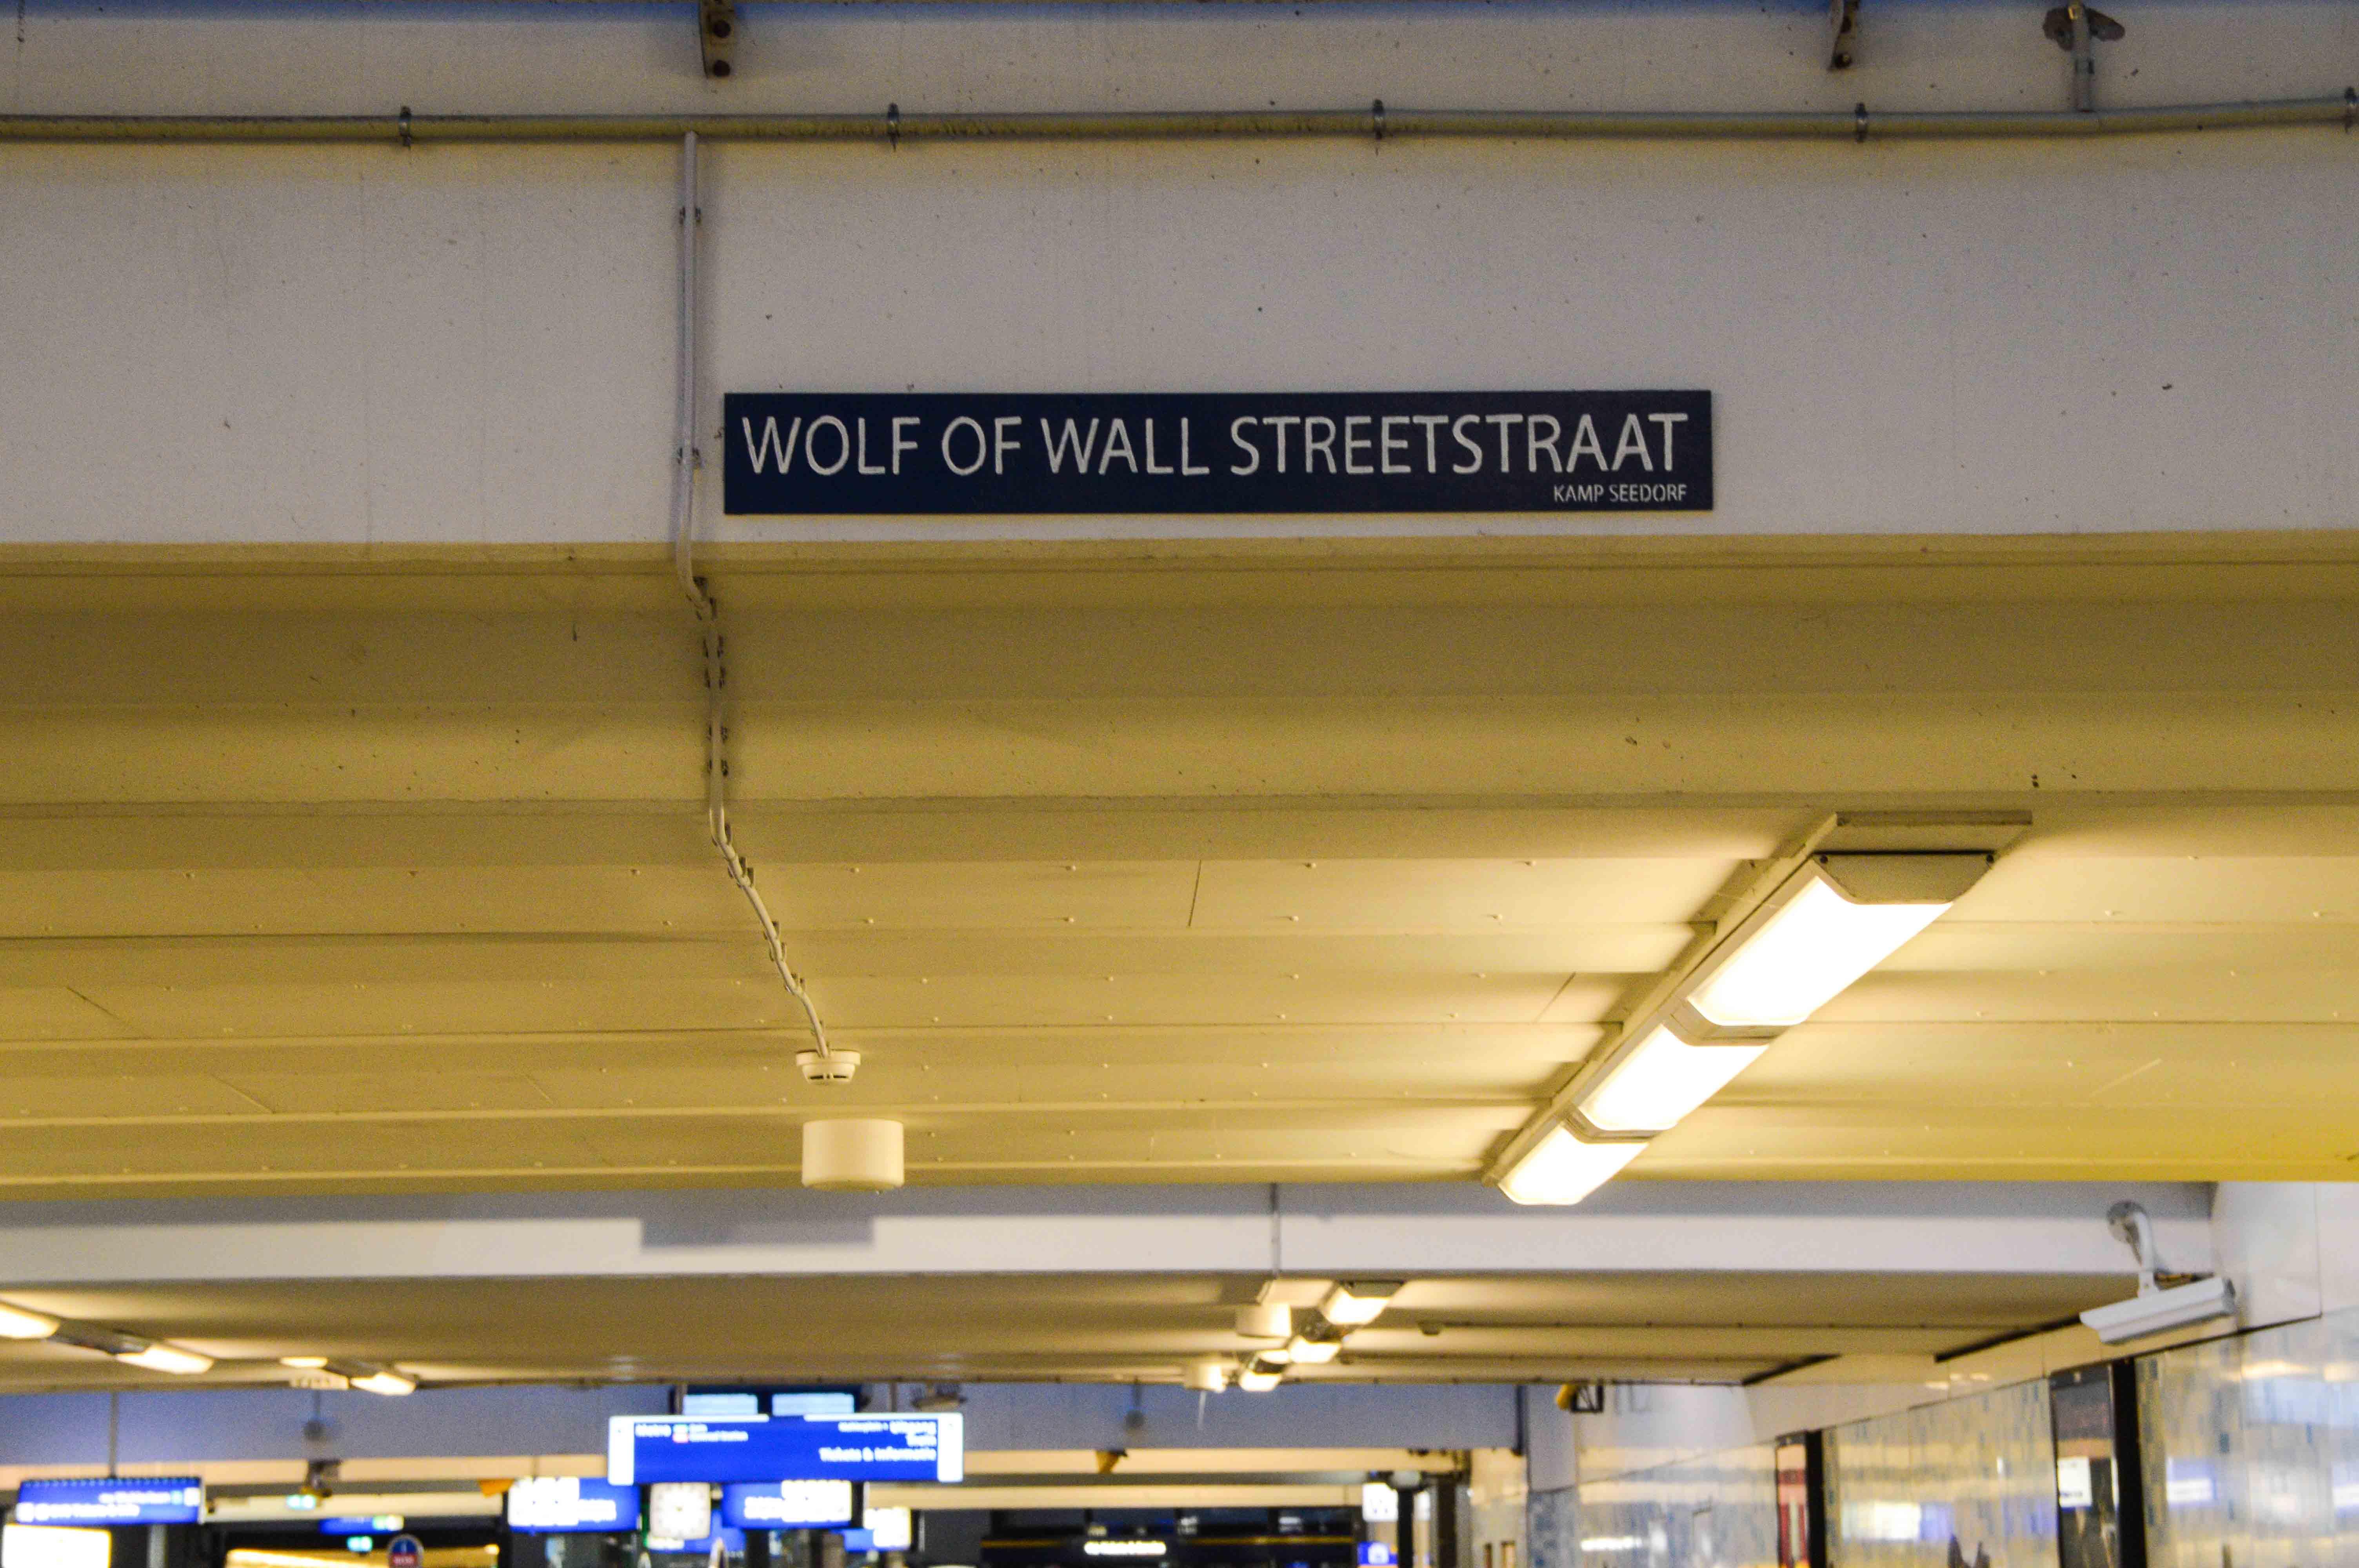 Wolfofwallstreet-streetart2